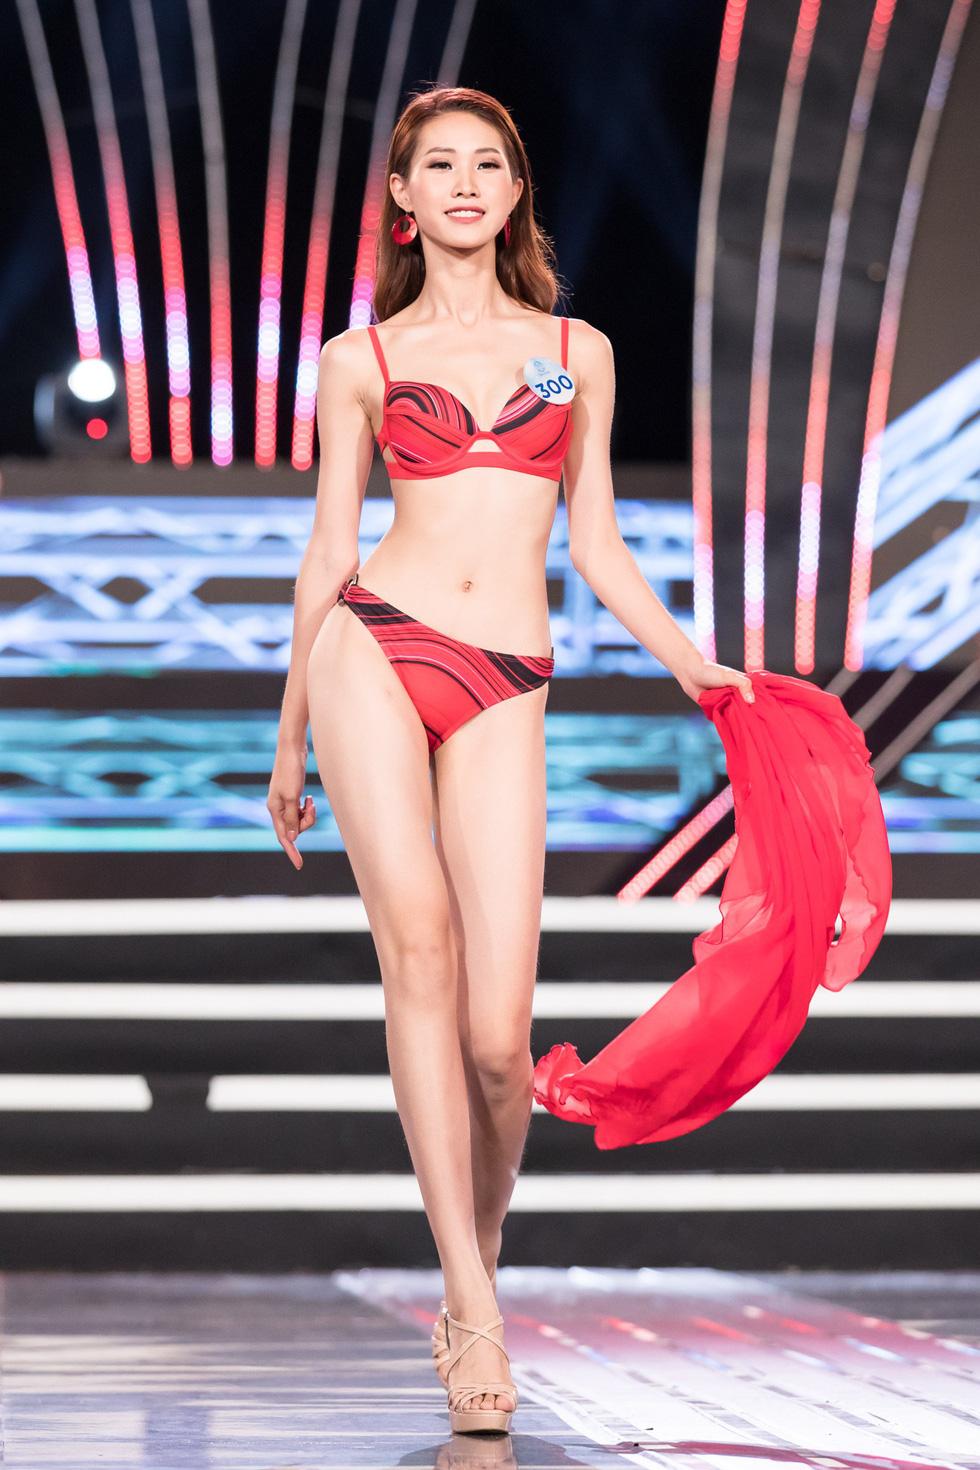 25 thí sinh Miss World Việt Nam 2019 đẹp nhất phía Bắc nóng bỏng thi bikini - Ảnh 8.